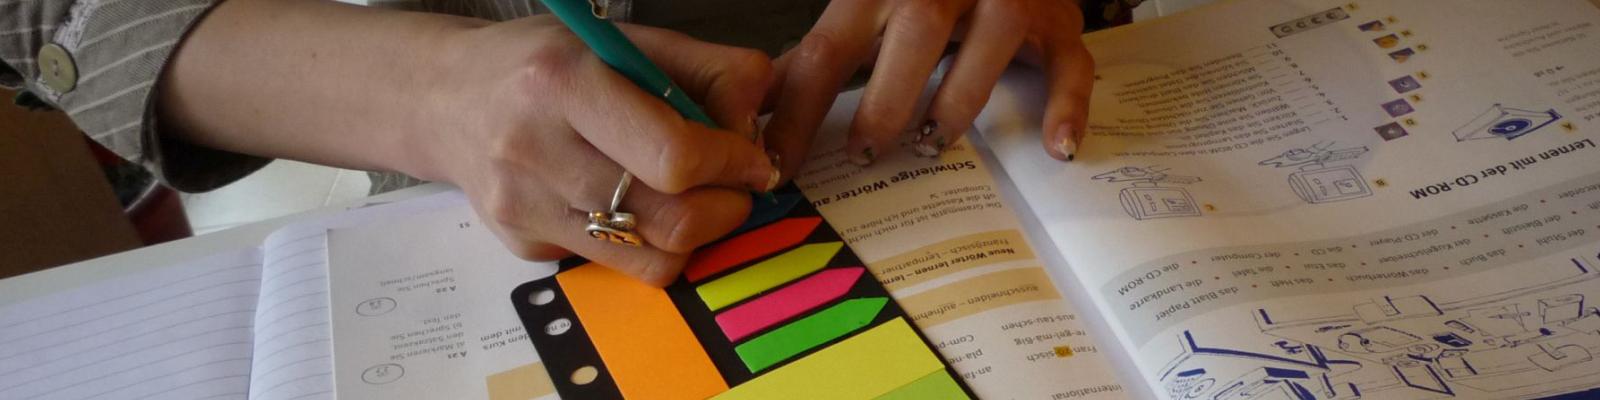 Germana colorată - lucru de vocabular cu suport vizual